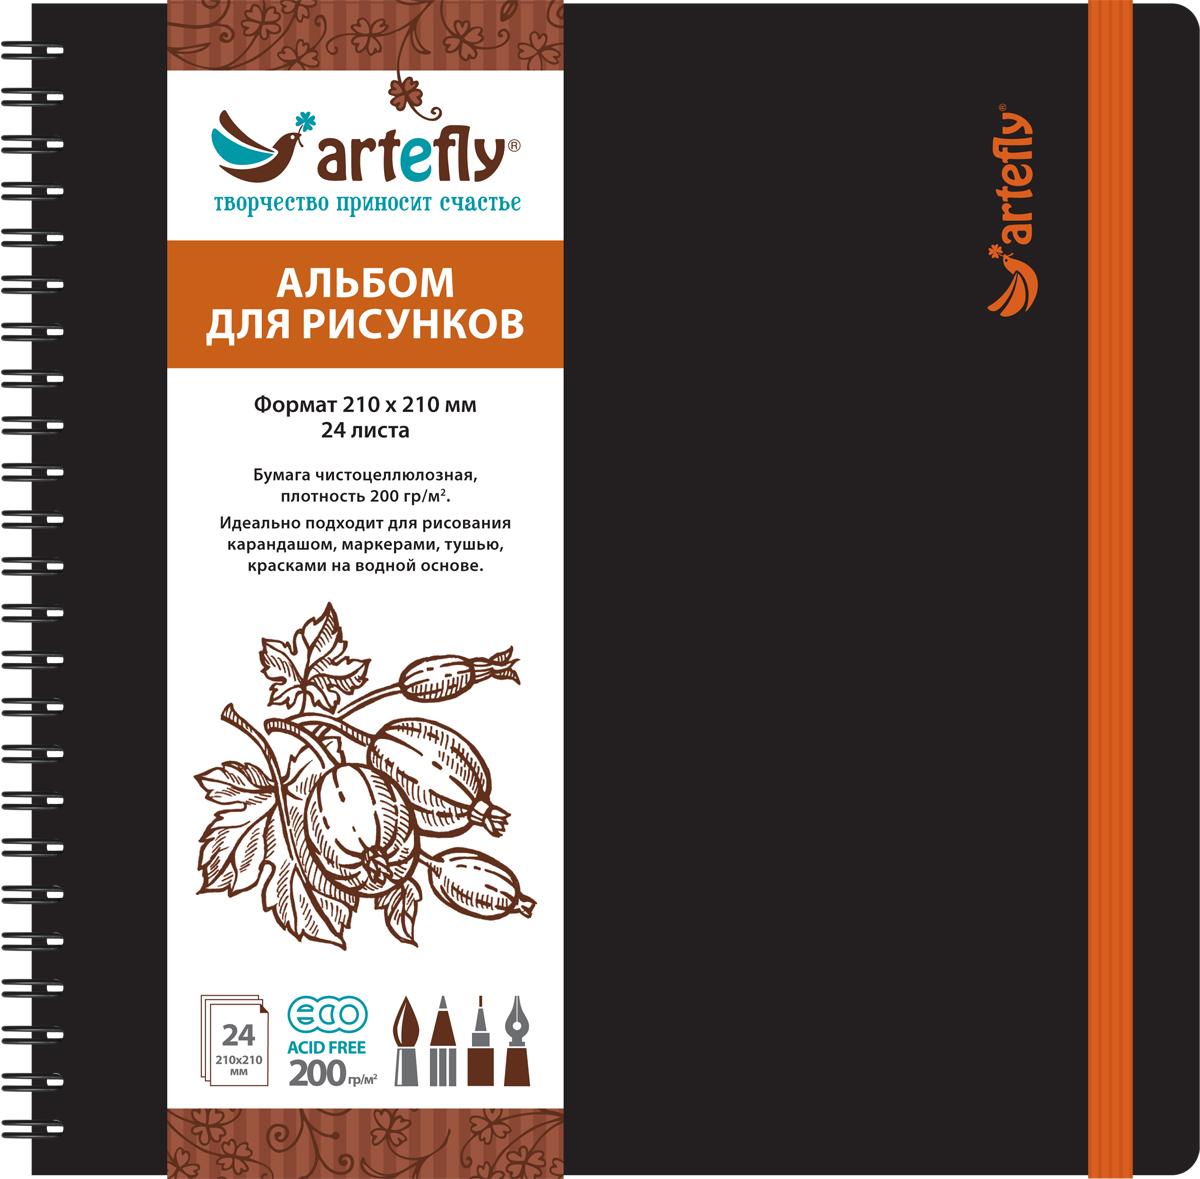 Artefly Альбом для рисования 24 листа цвет черный AFNB-2251AFNB-2251Альбом Artefly идеально подходит для рисования в нем карандашами, маркерами, тушью, красками на водной основе. Внутренний блок включает 24 листа. Удобная эластичная застежка защитит ваш альбом, а переплет на спирали сделает его еще более удобным и позволит с легкостью переворачивать листы. Имеется карман для эскизов.